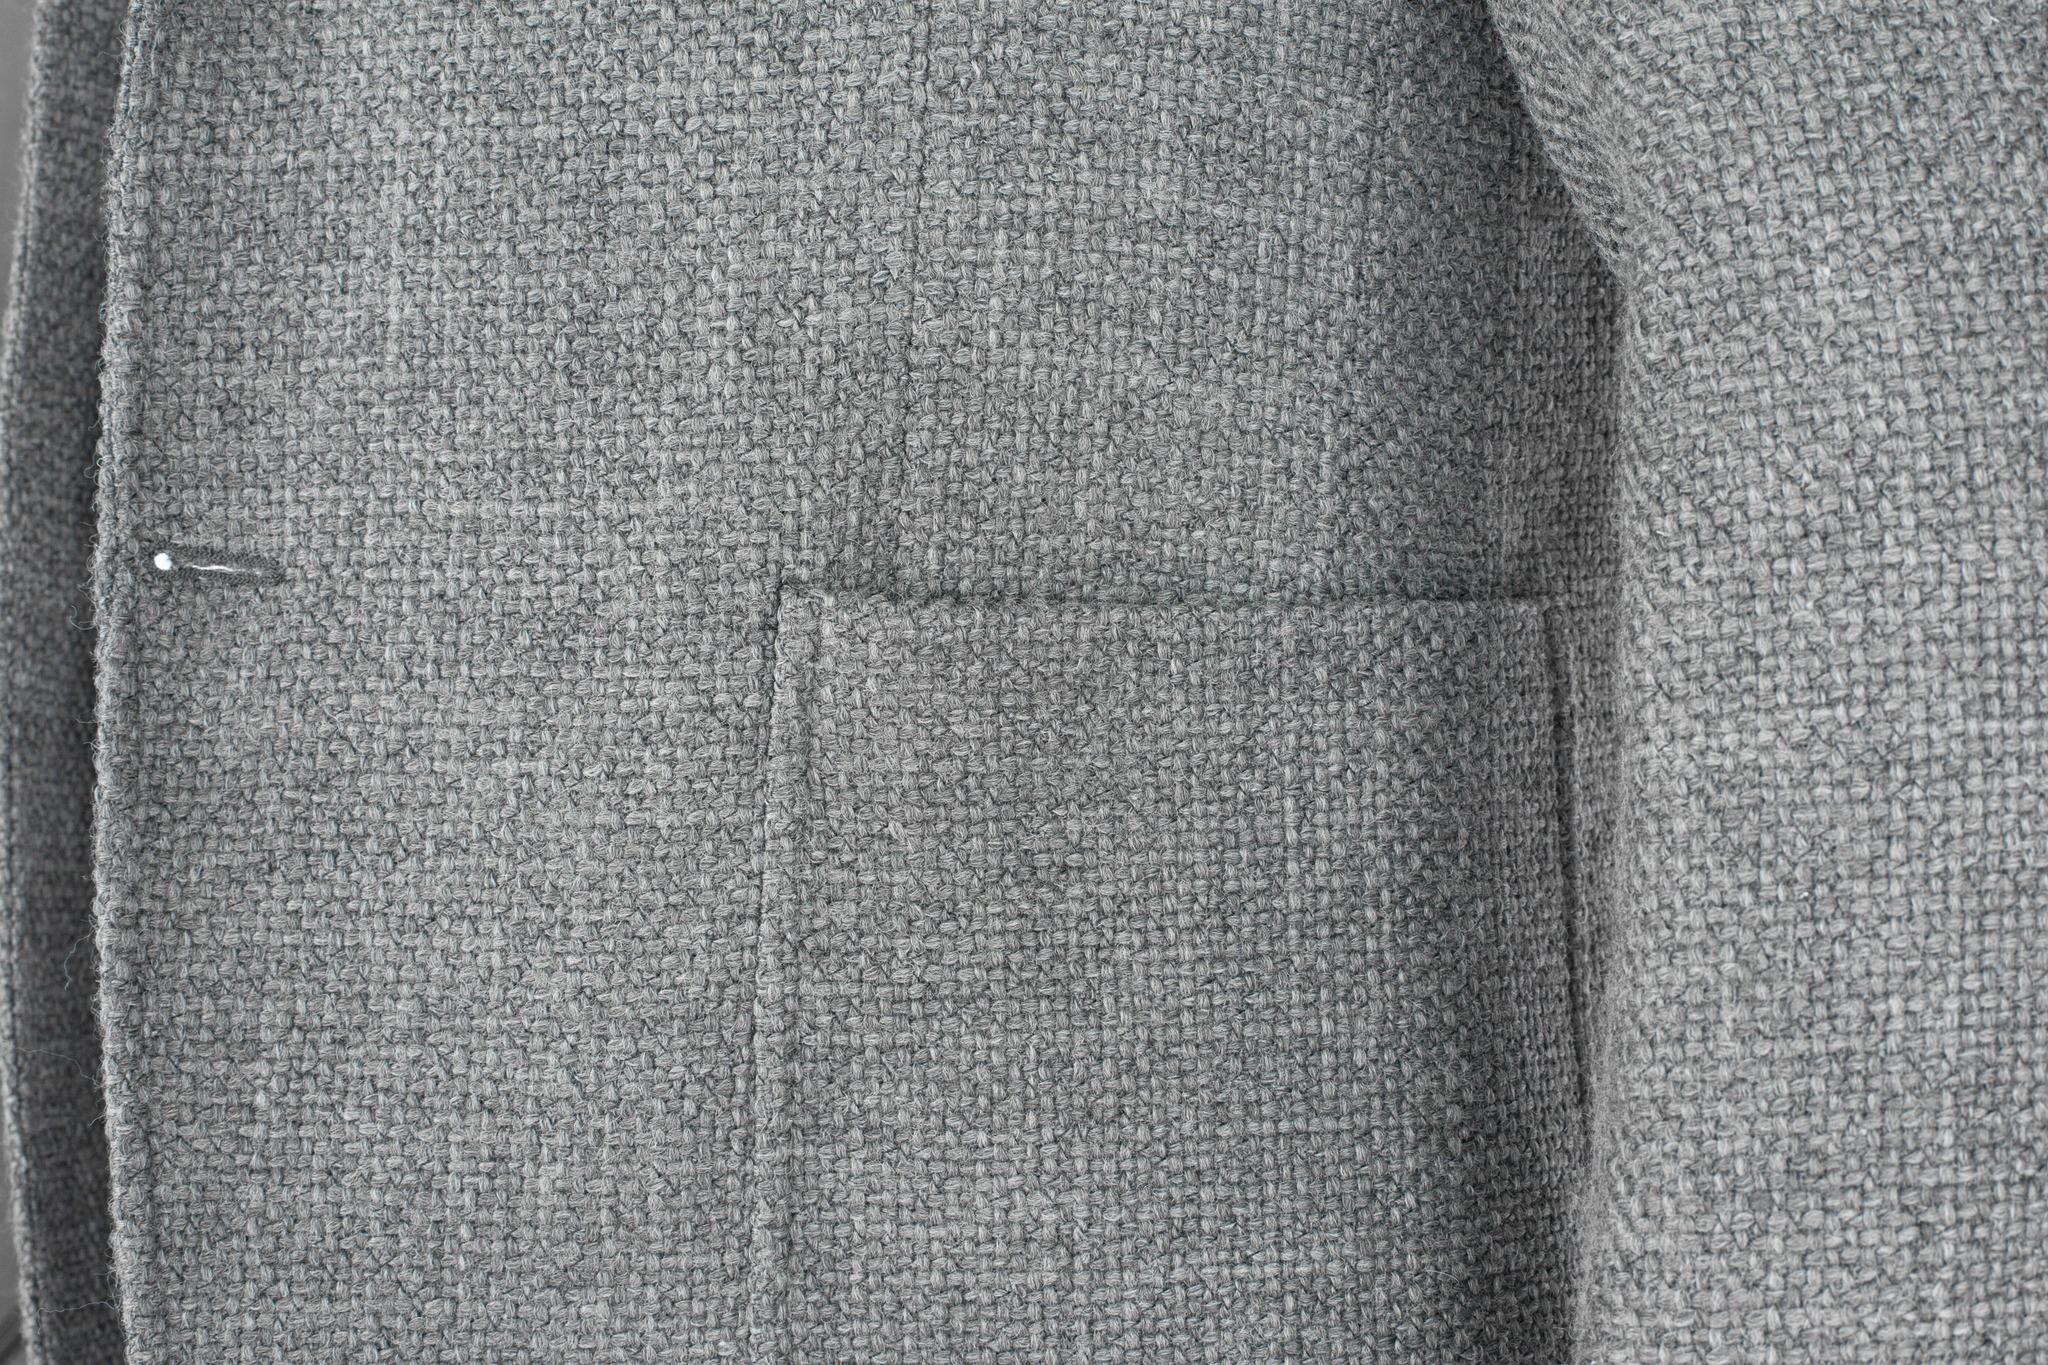 Серый пиджак из смеси шерсти, хлопка и синтетики, накладной карман